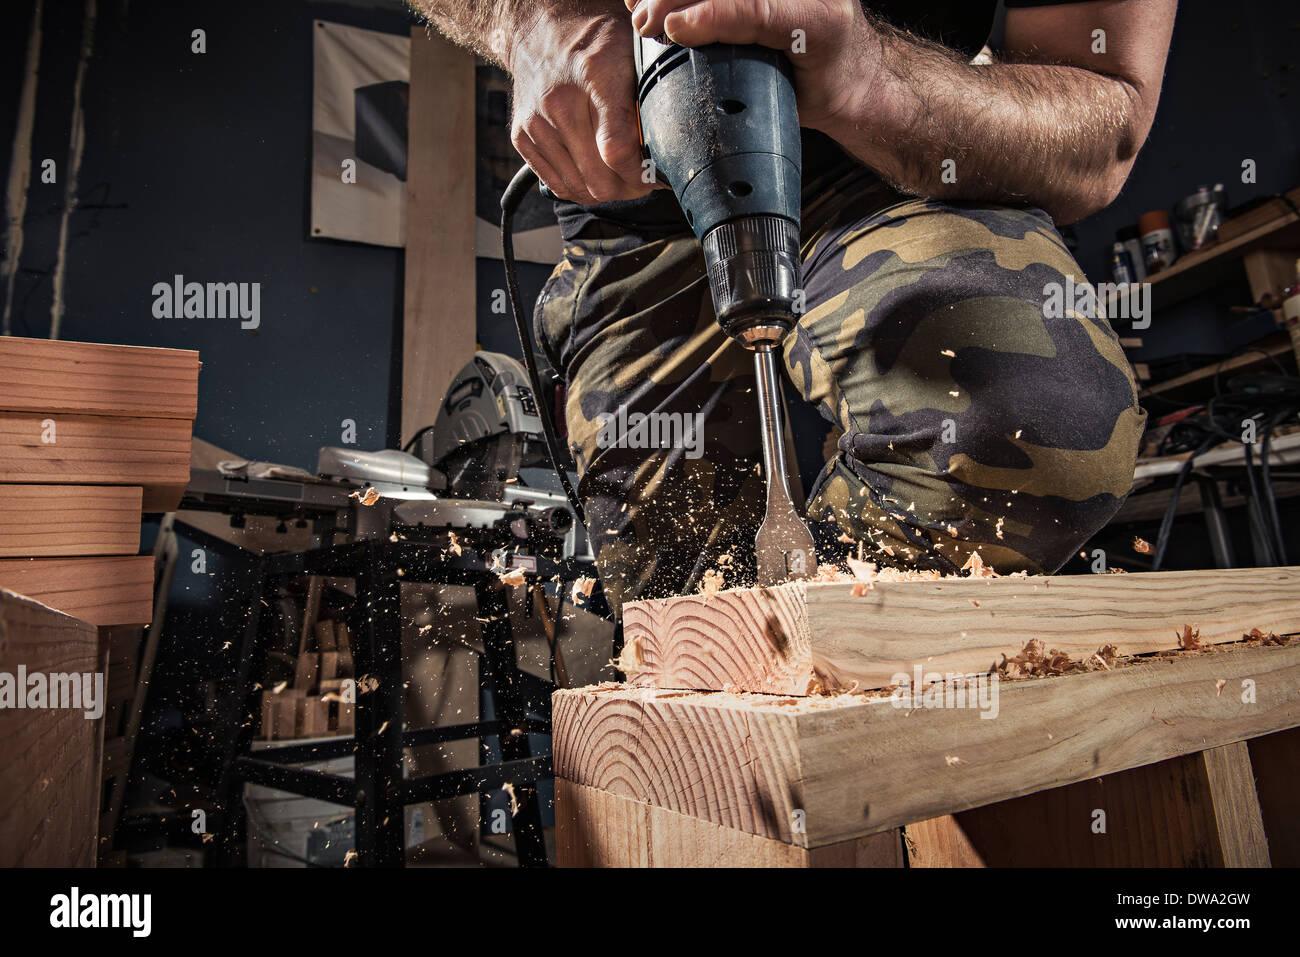 Chiusura del maschio di perforazione carpenter tavolato in legno in laboratorio Immagini Stock